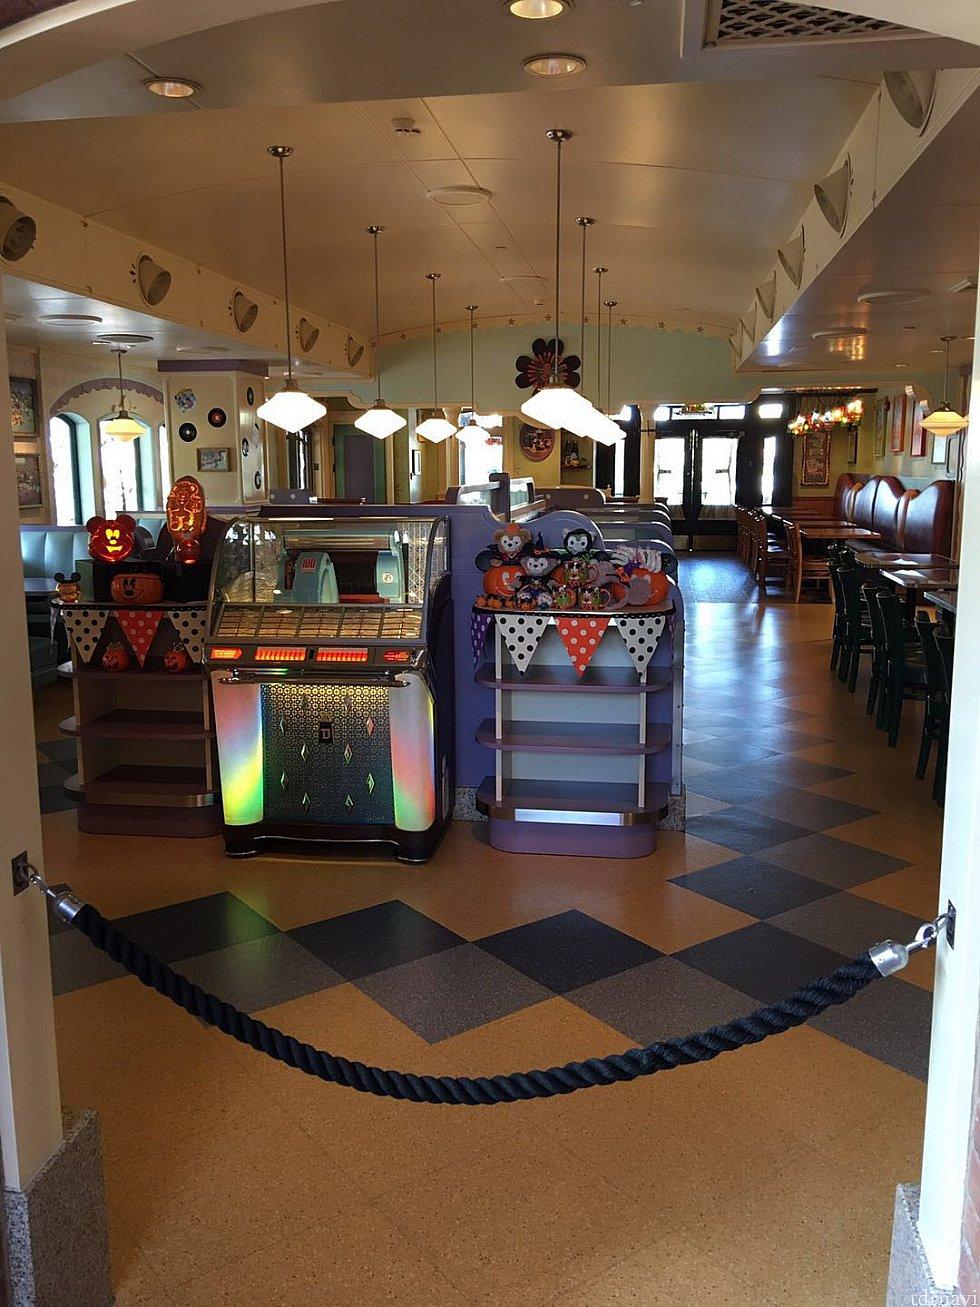 デイジーカフェは閉鎖されていたので、多分ここがハロウィンのアフタヌーンティー専用の場所になると思います。